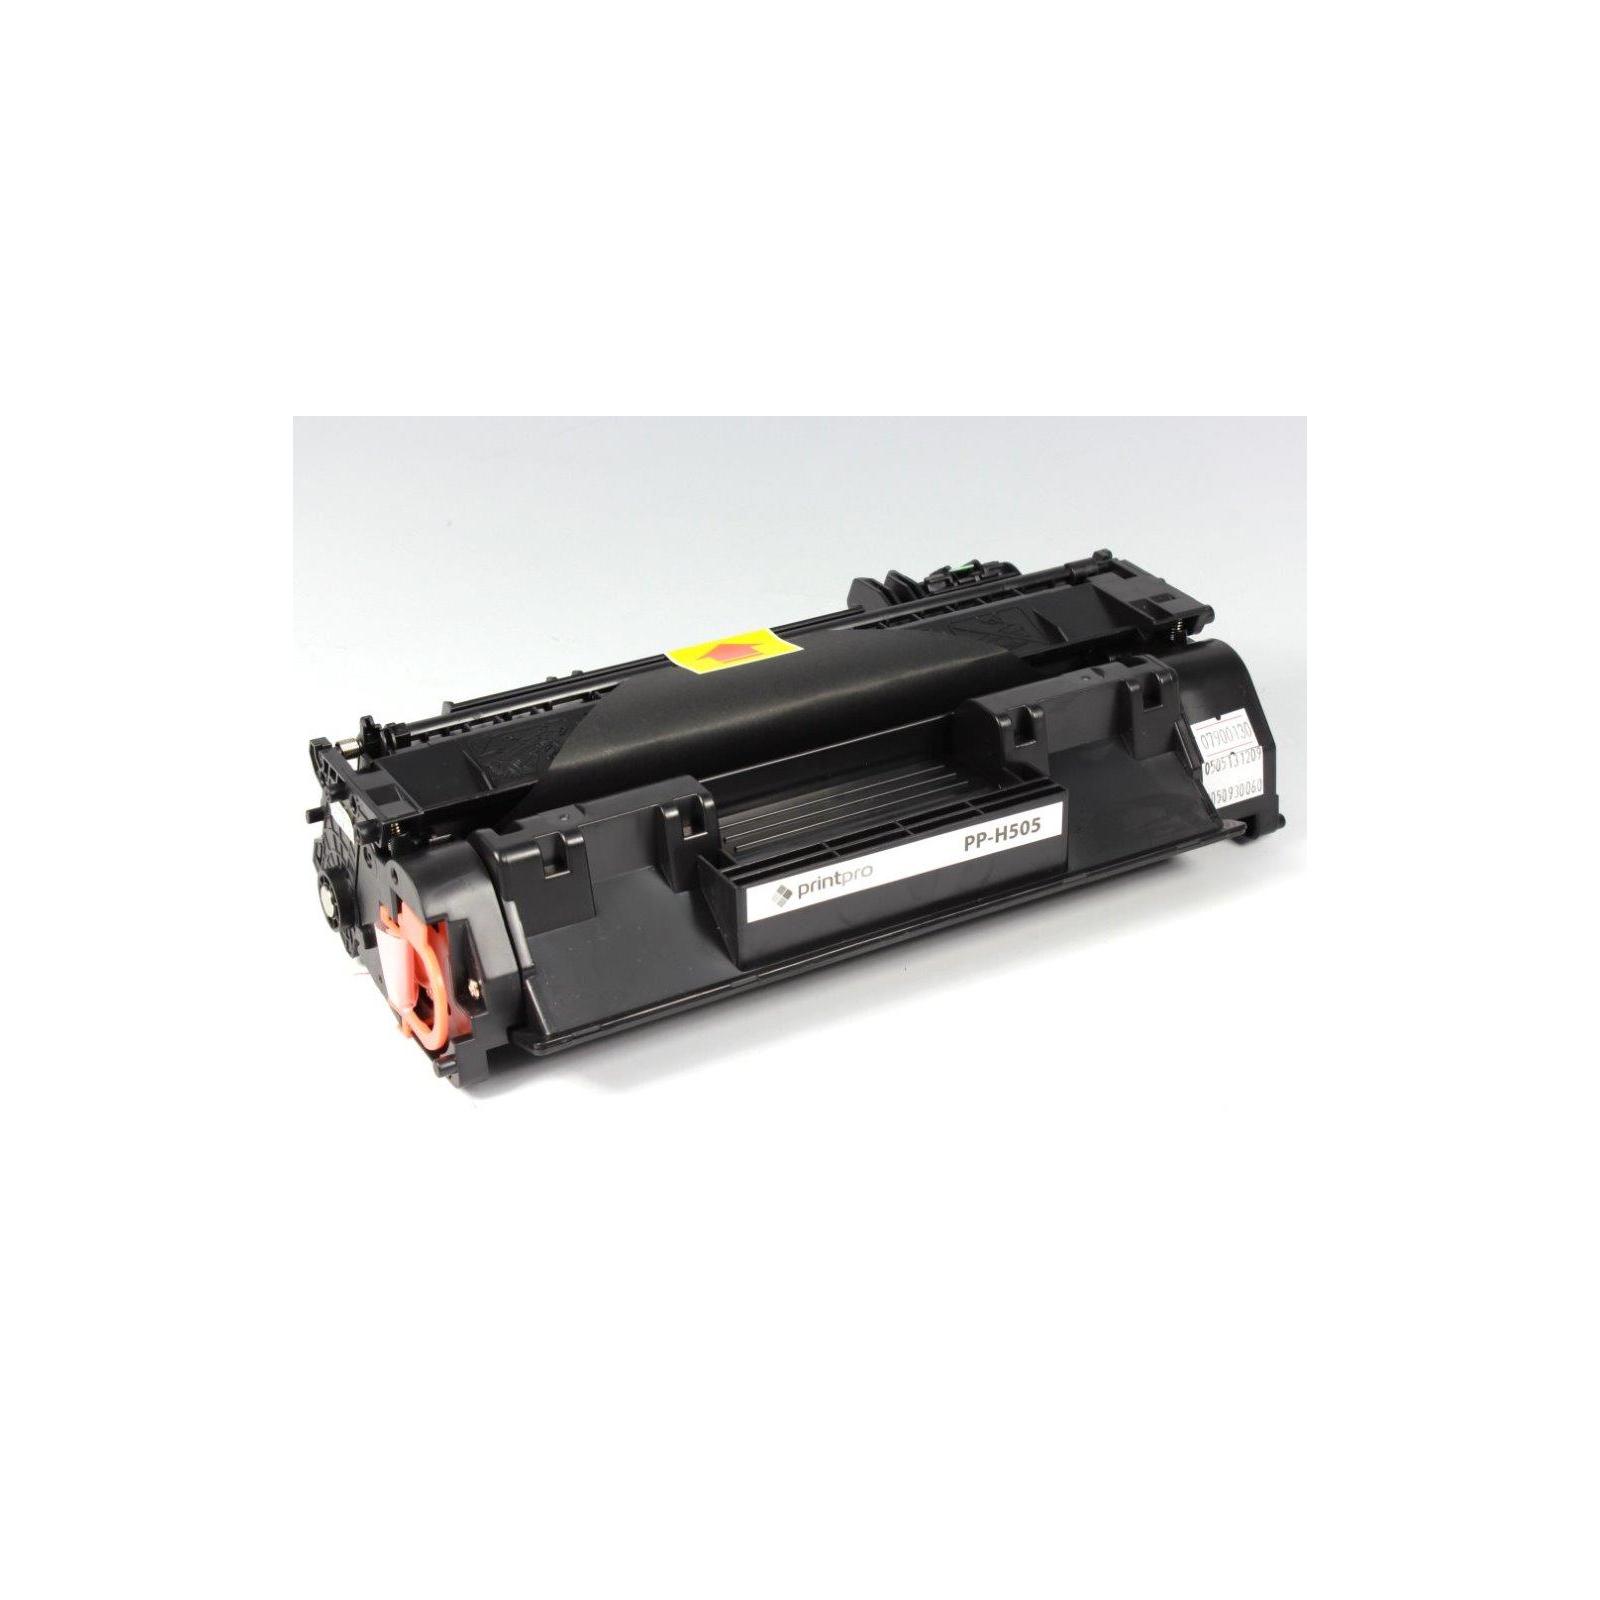 Картридж PrintPro для HP (CE505A) LJ P2035/2050/2055 (PP-H505)